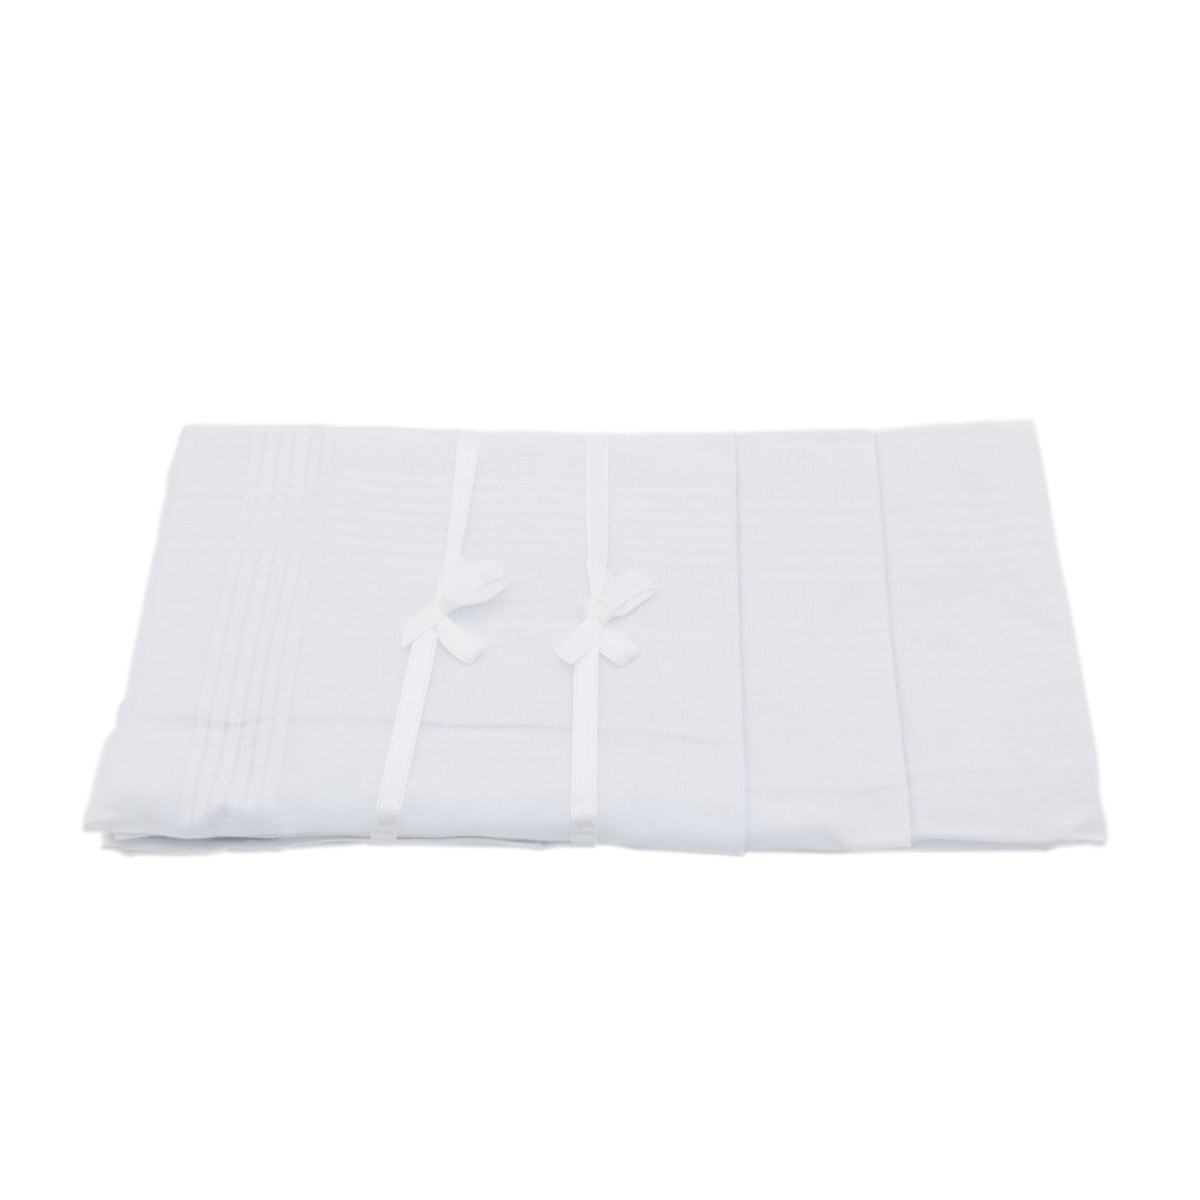 Set 12 pañuelos blancos